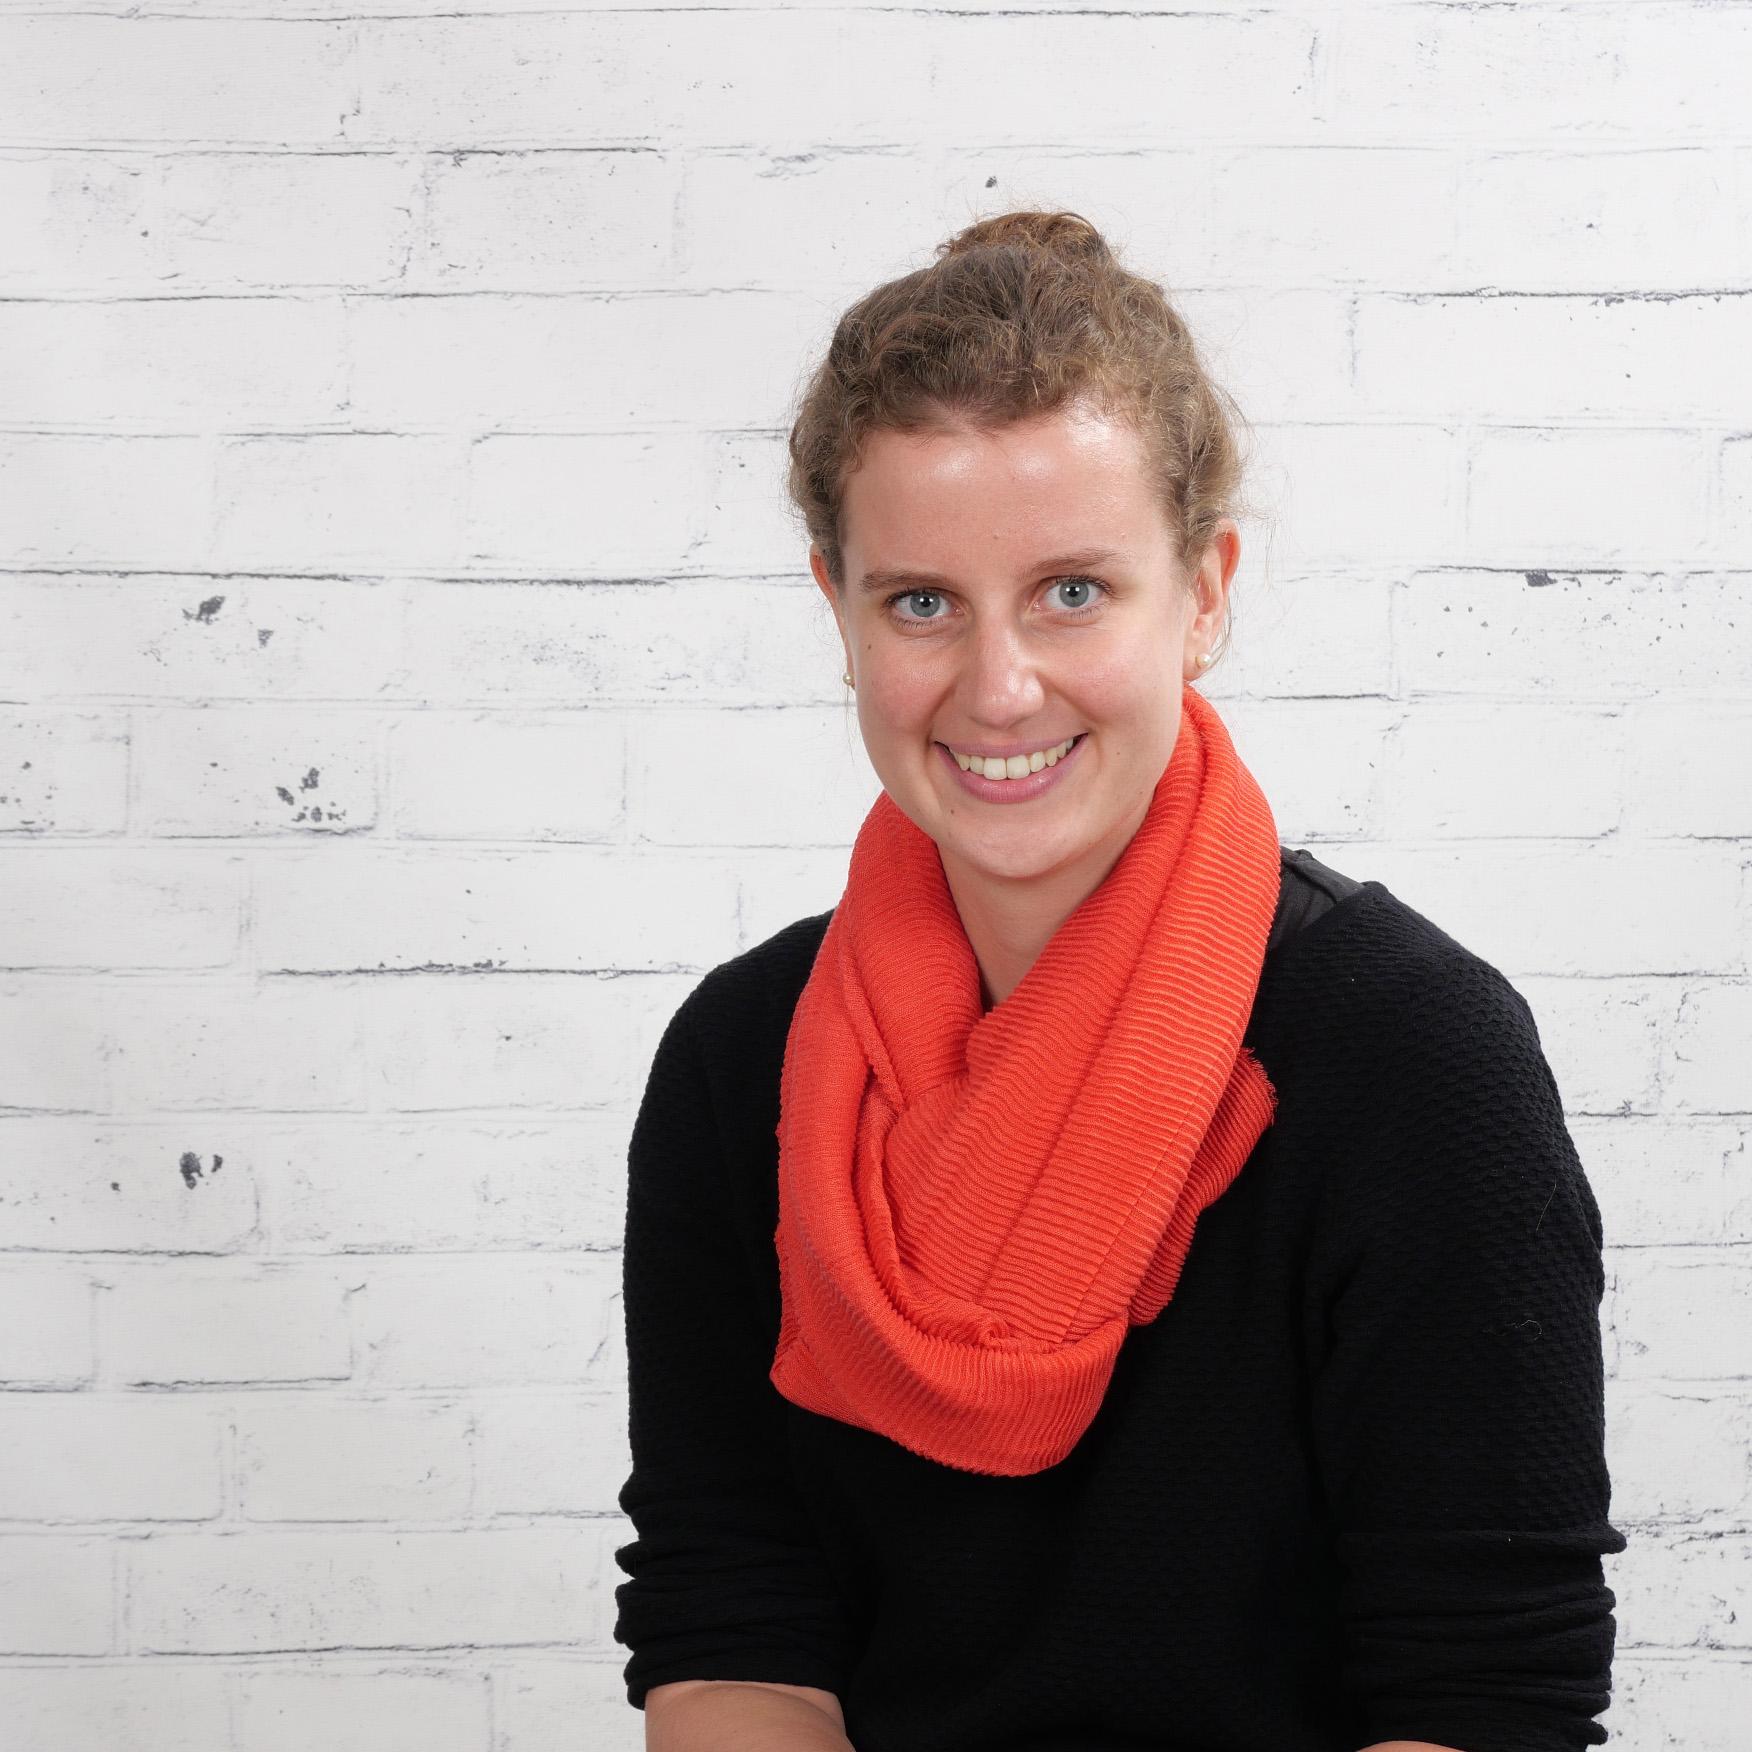 Profilbild von Dorothee Ostermann